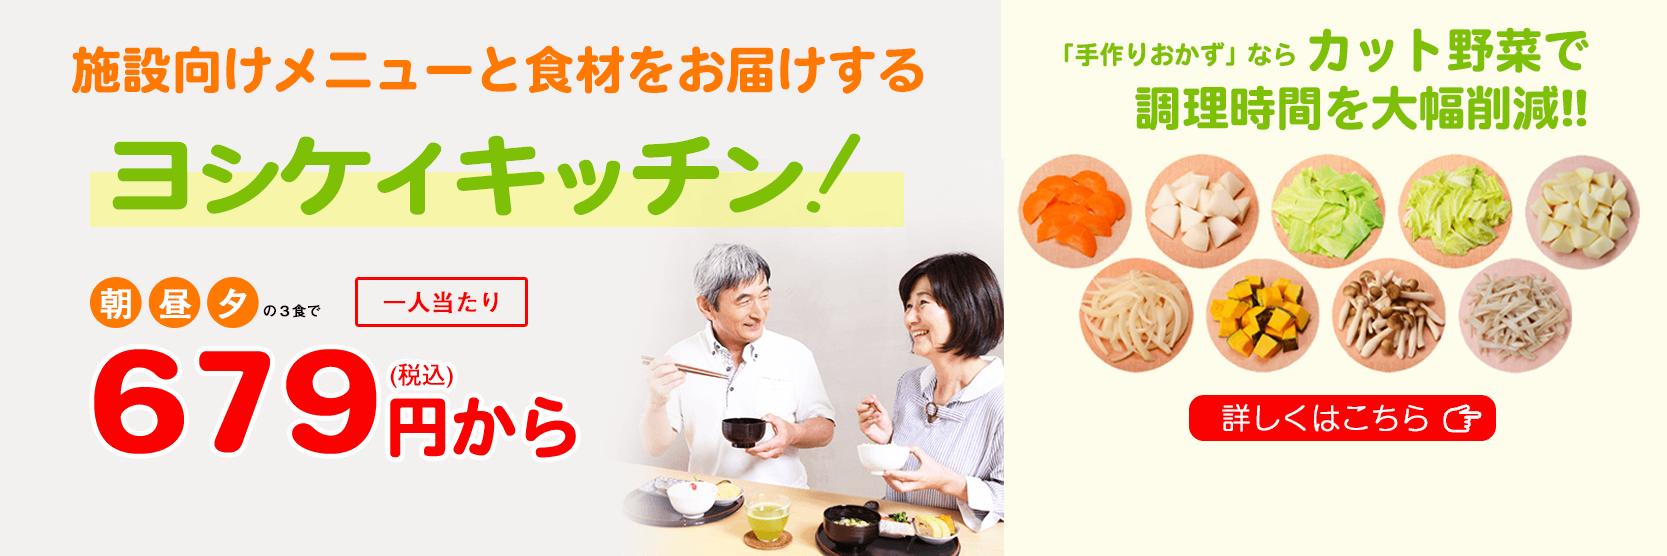 食材 宅配 埼玉